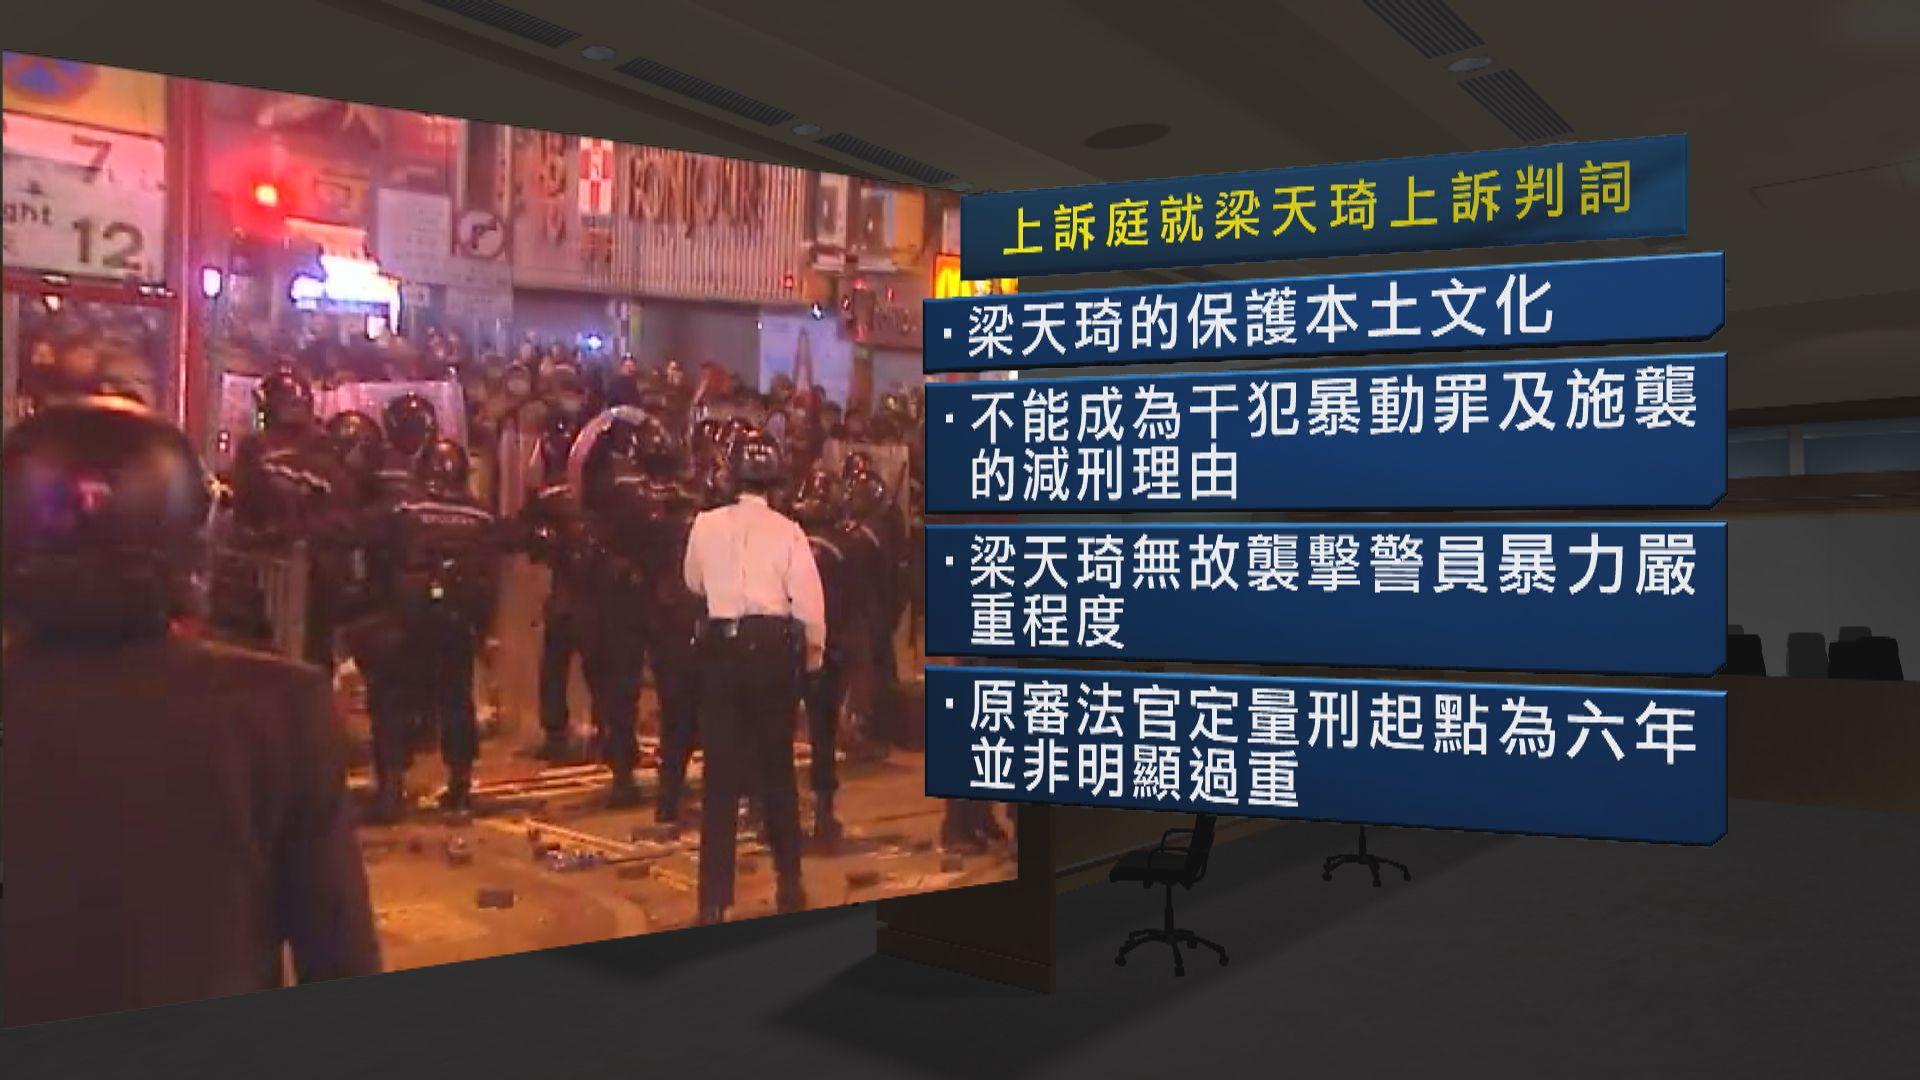 梁天琦暴動罪上訴被駁回 官指保護本土文化非減刑理由